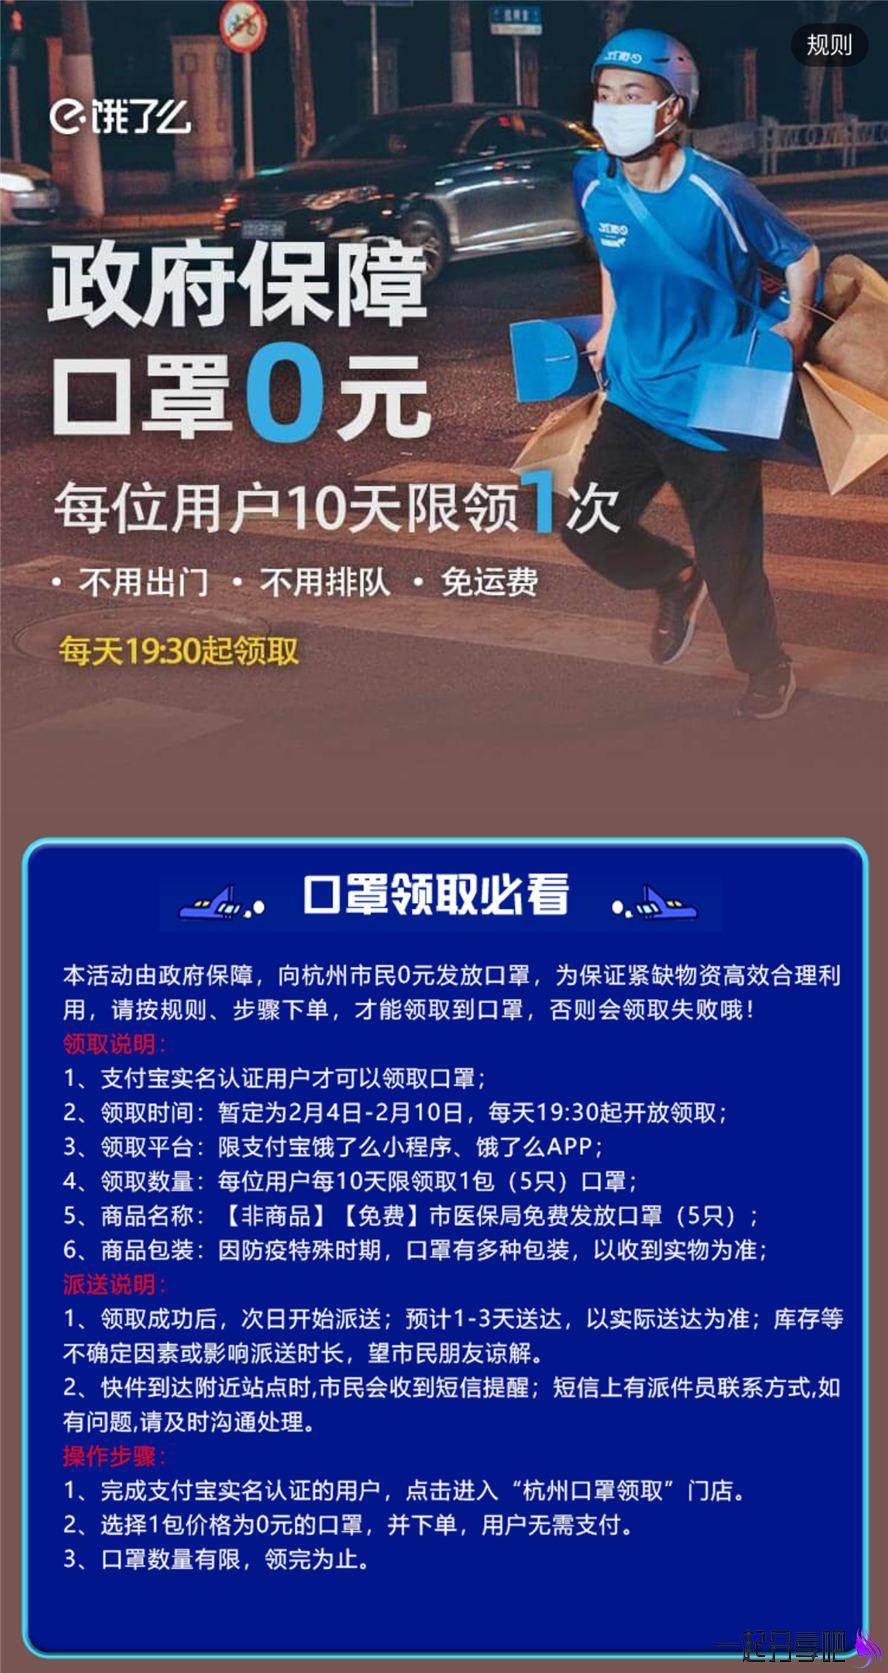 浙江杭州市民免费领取5只口罩免运费 第1张